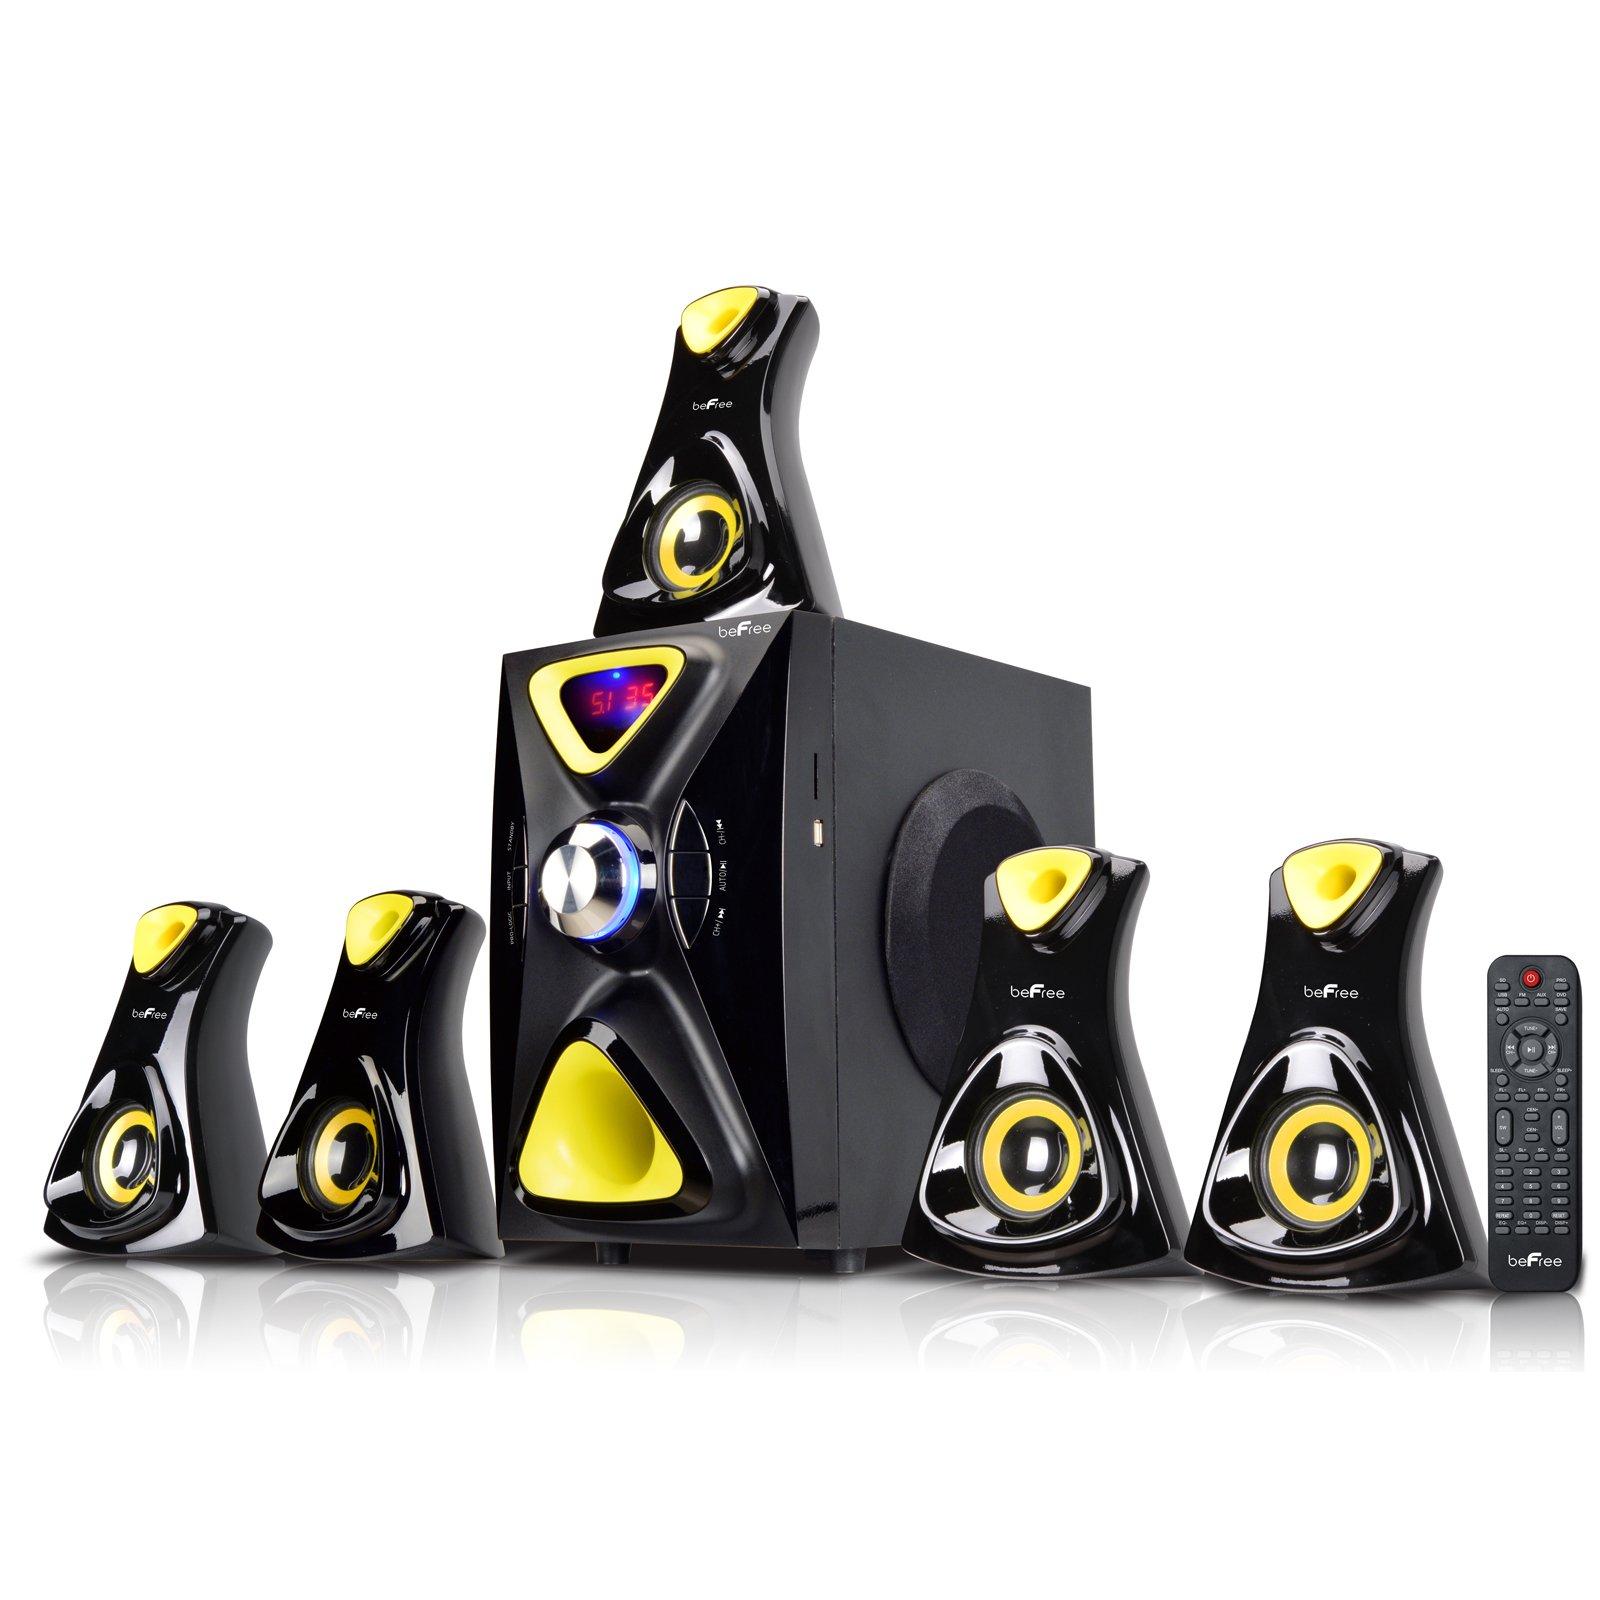 beFree Sound BFS-610 5.1 Channel Surround Sound Bluetooth Speaker System - Black/Yellow